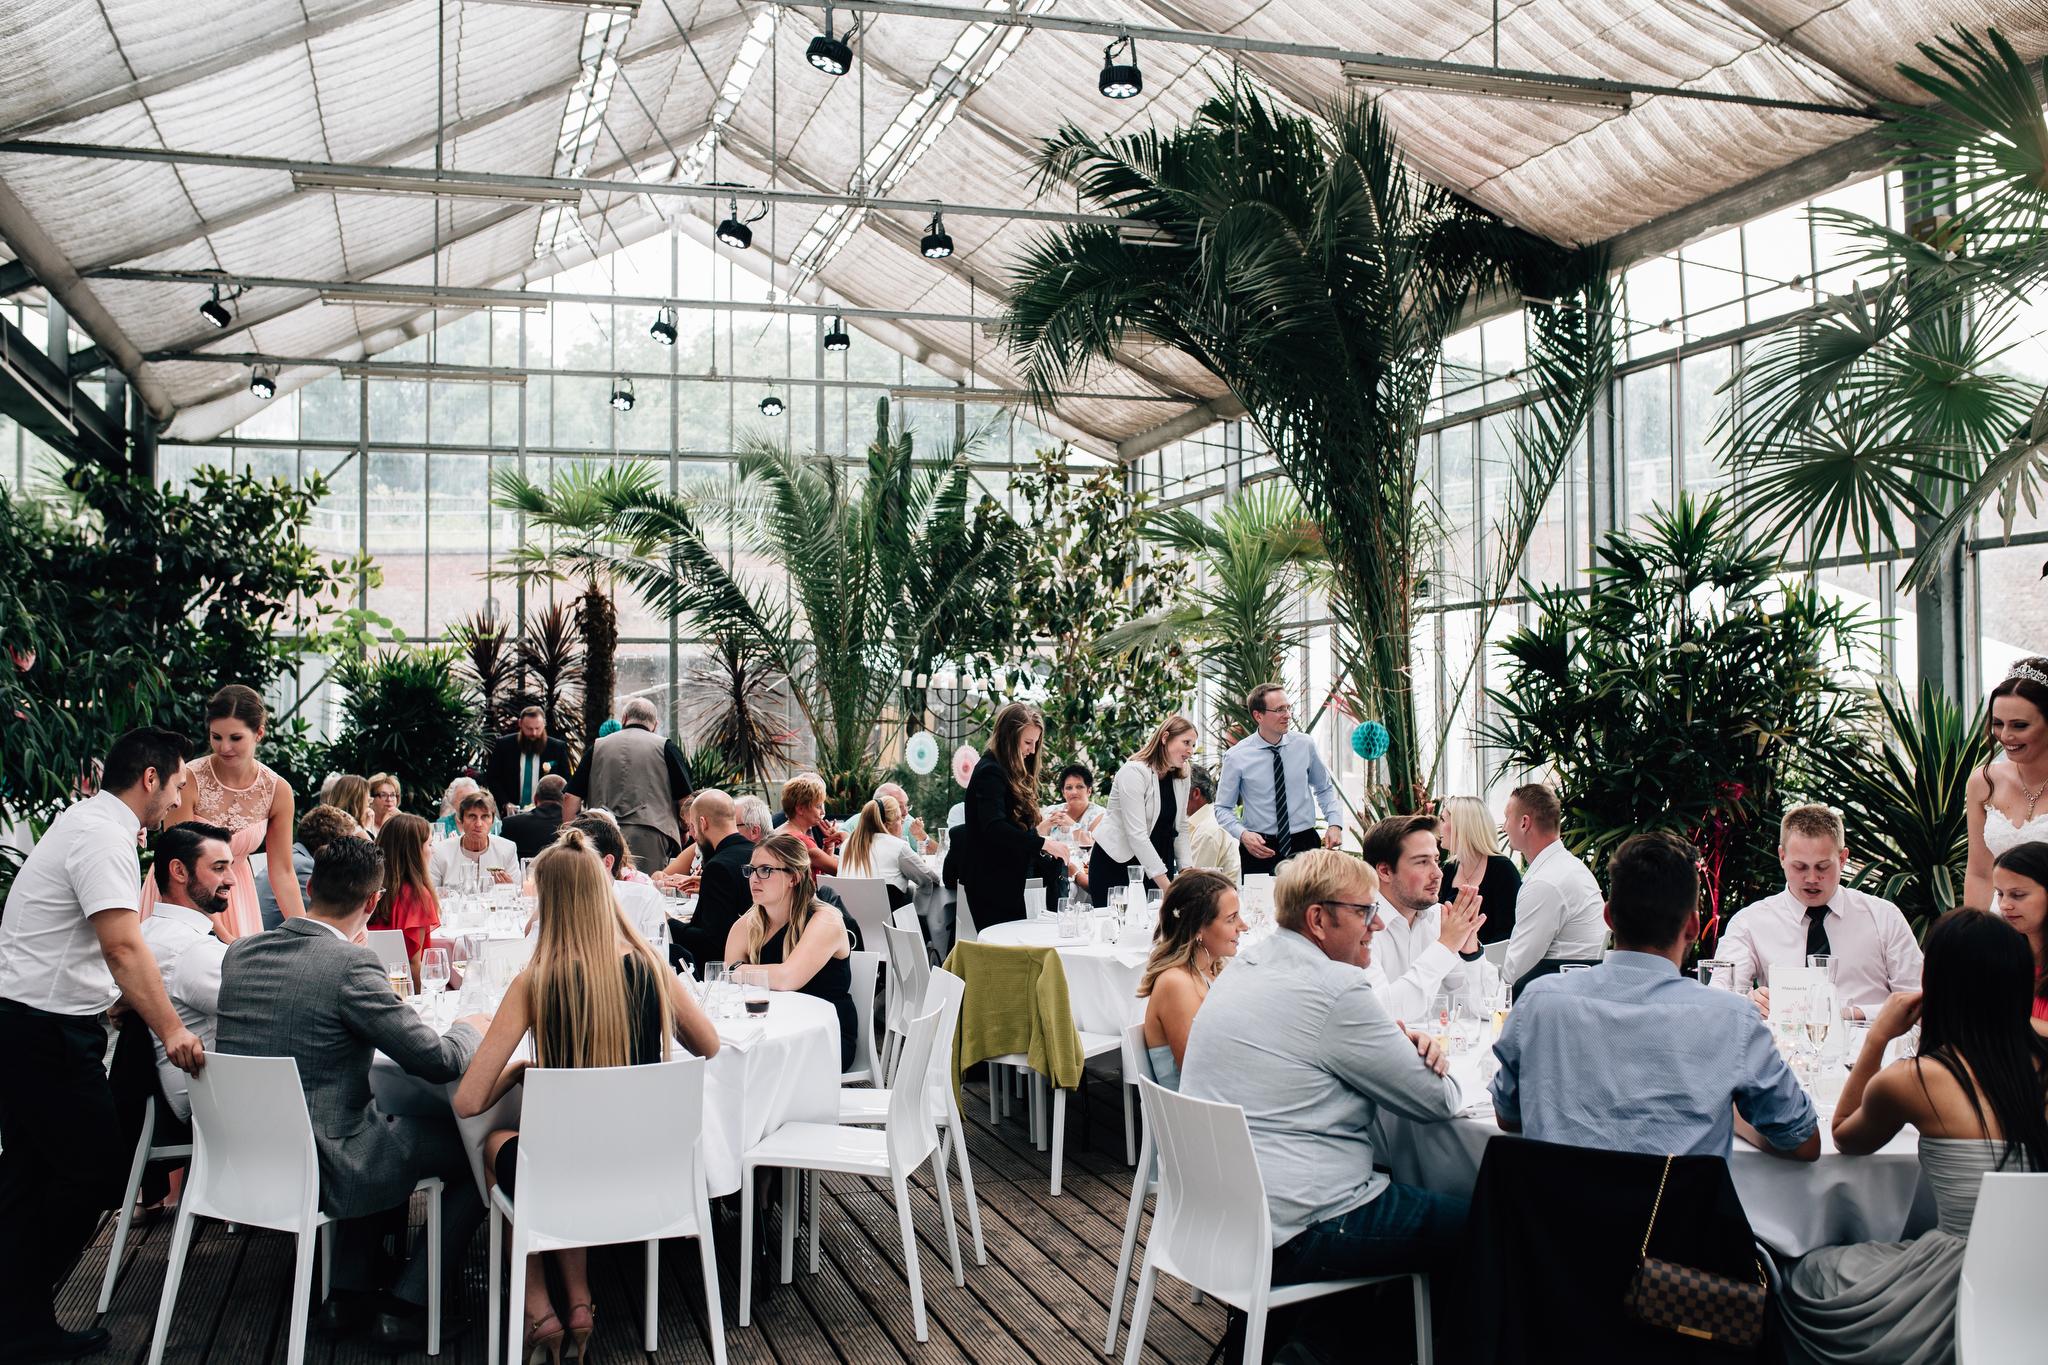 Claudia Krawinkel Fotografie Hochzeitsfotografie Hochzeit Blumenhalle im Brückenkopfpark Jülich Essen Düsseldorf Bochum Dortmund Mönchengladbach NRW Ruhrgebiet 91